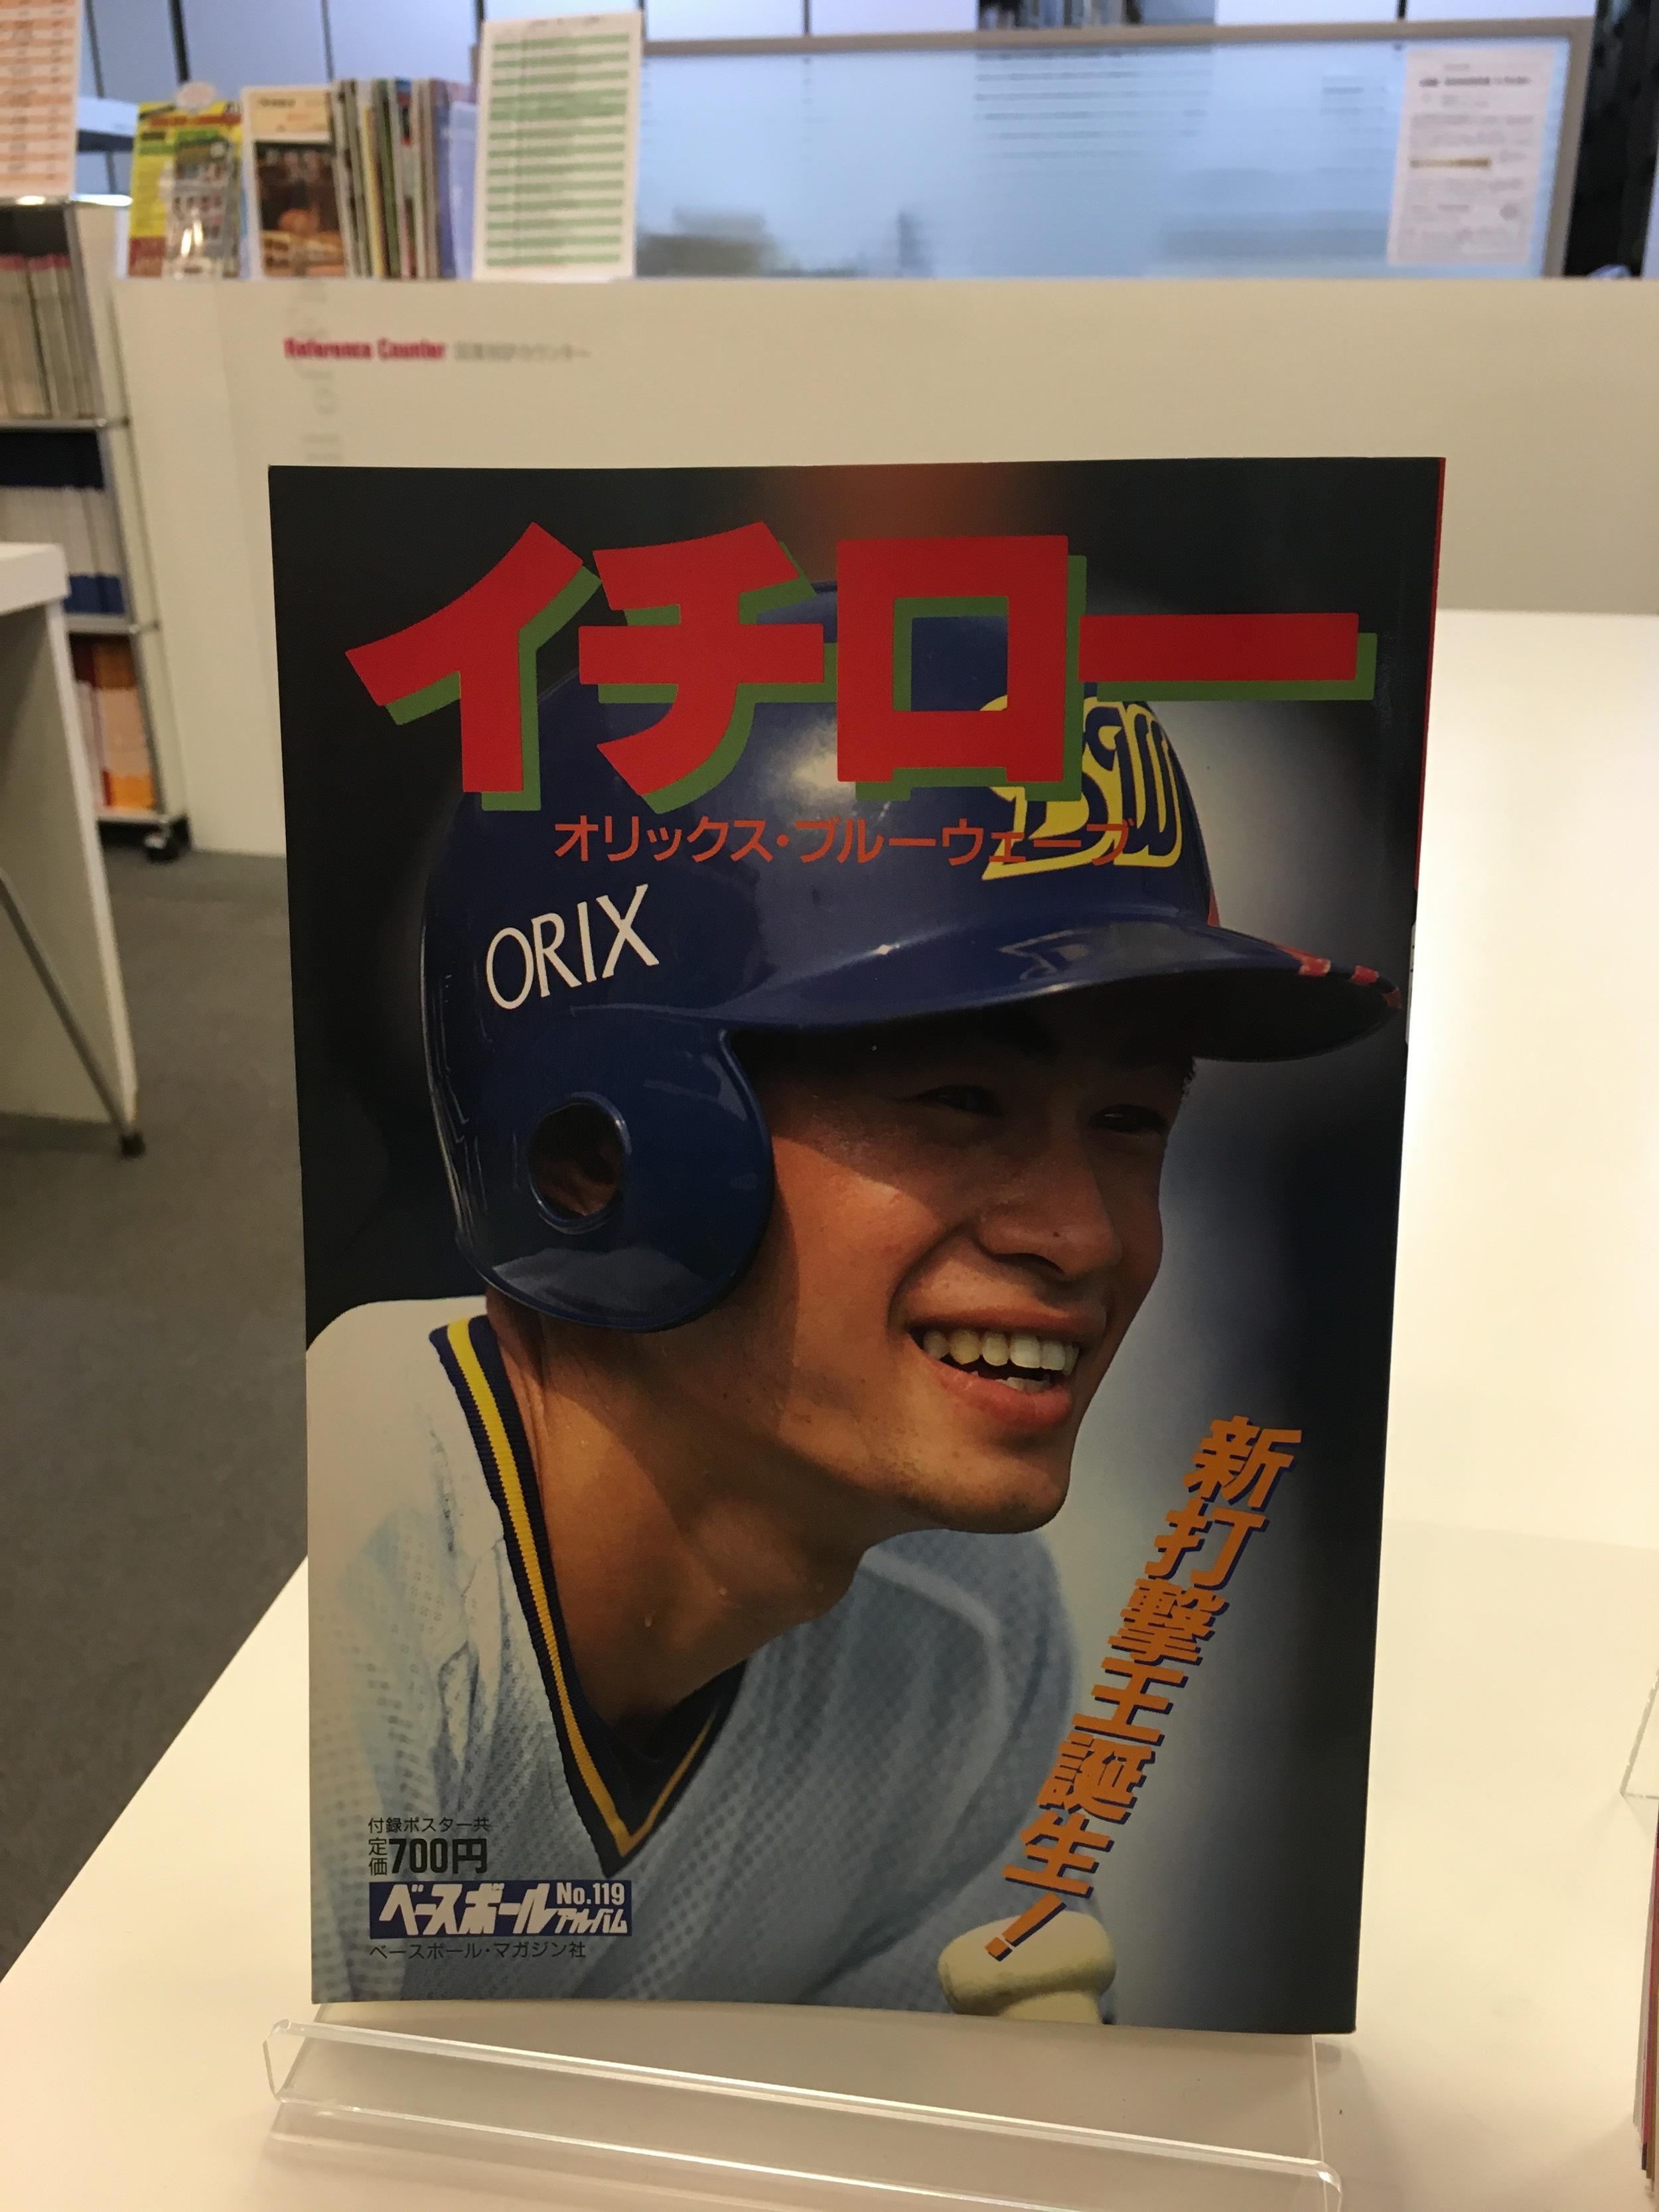 Lil' babyface Ichiro!